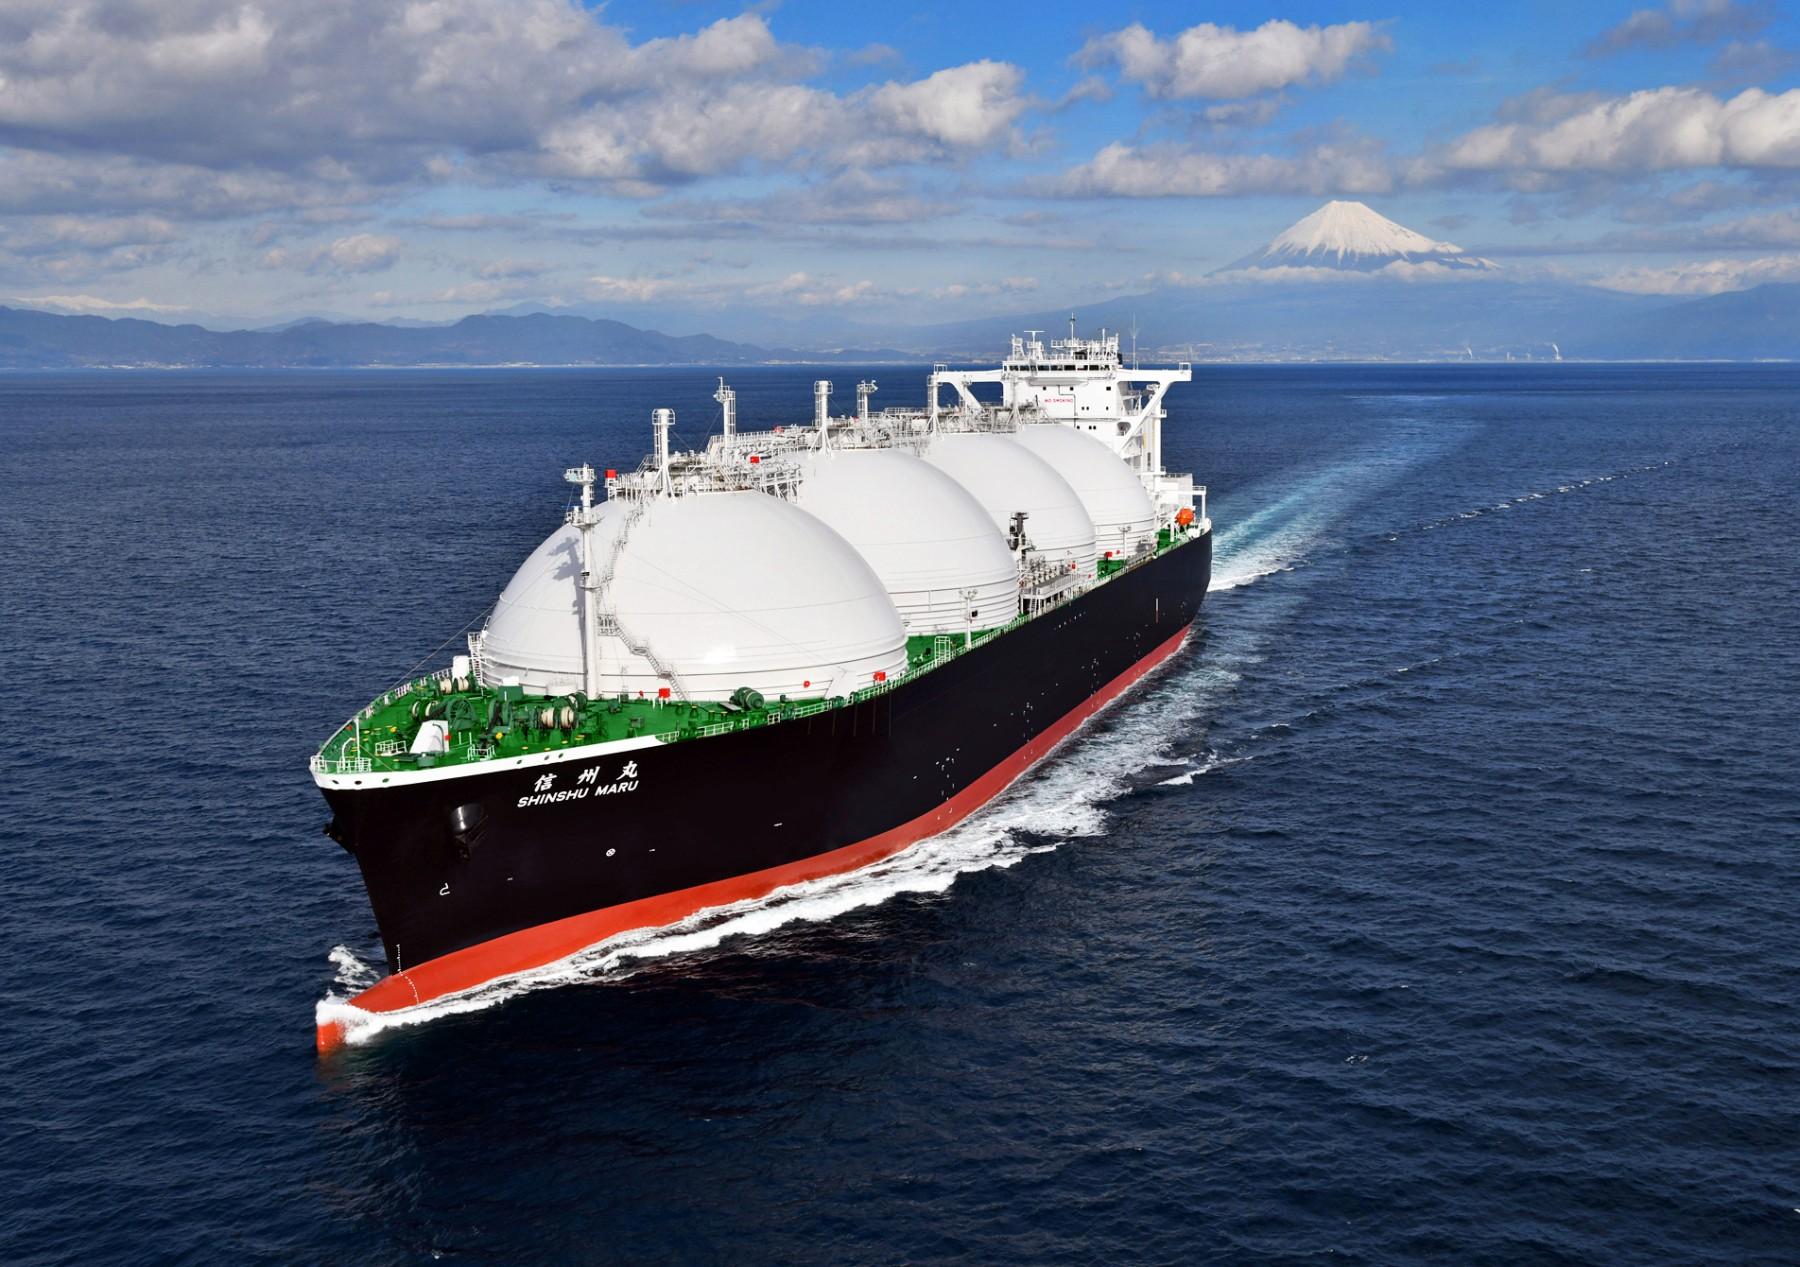 Ένα νέο LNG carrier με ιαπωνική σφραγίδα